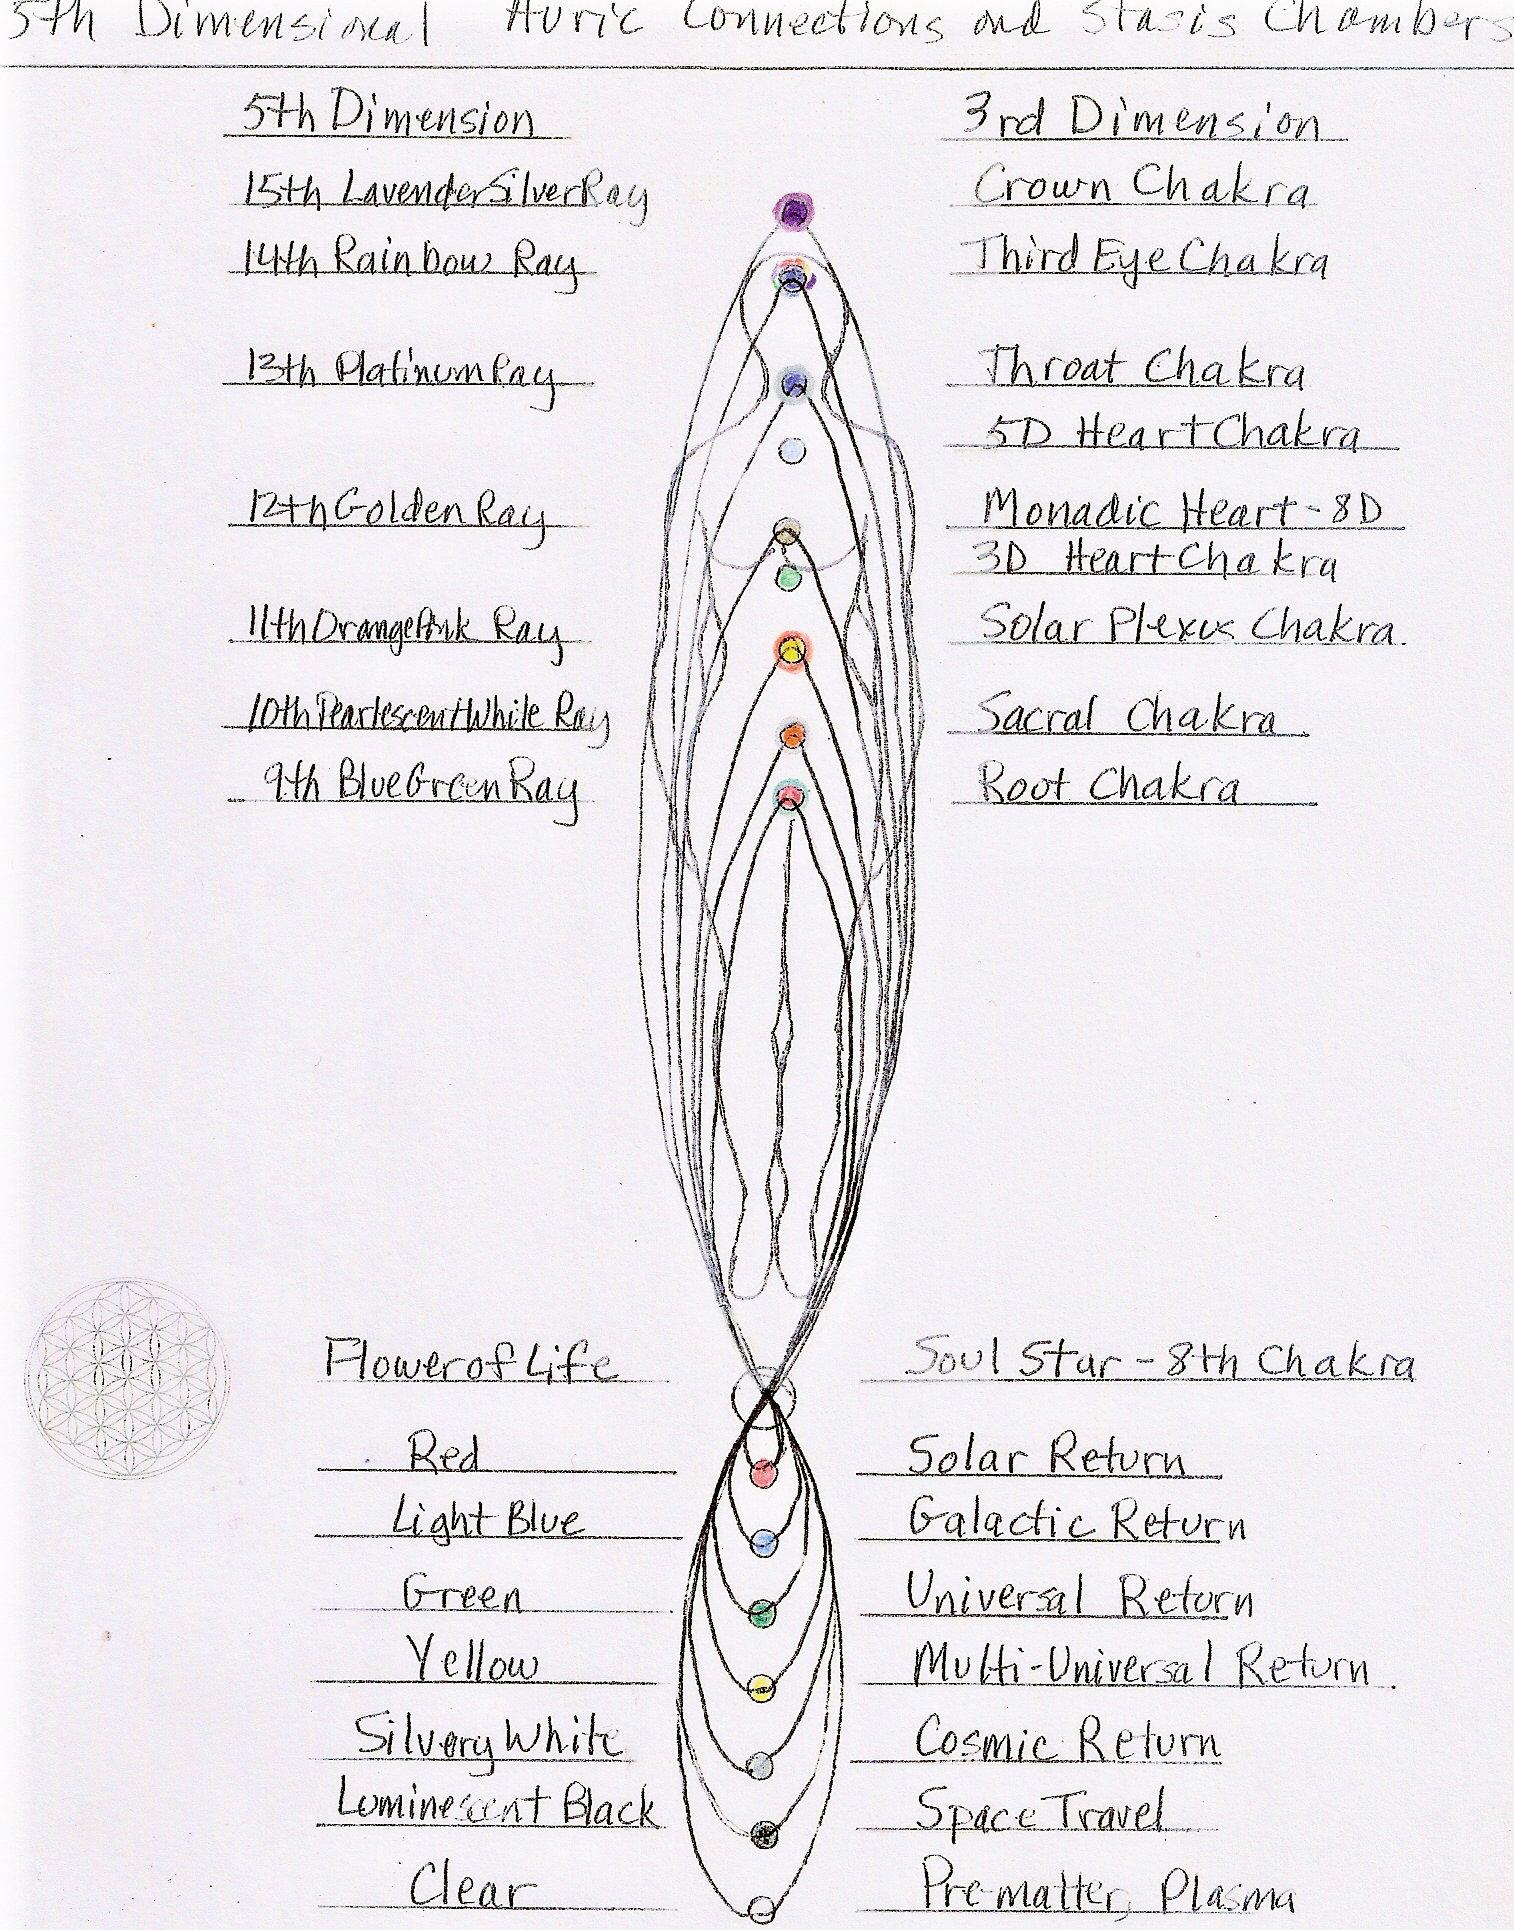 The Higher Rays - Living Enlightened Relationships